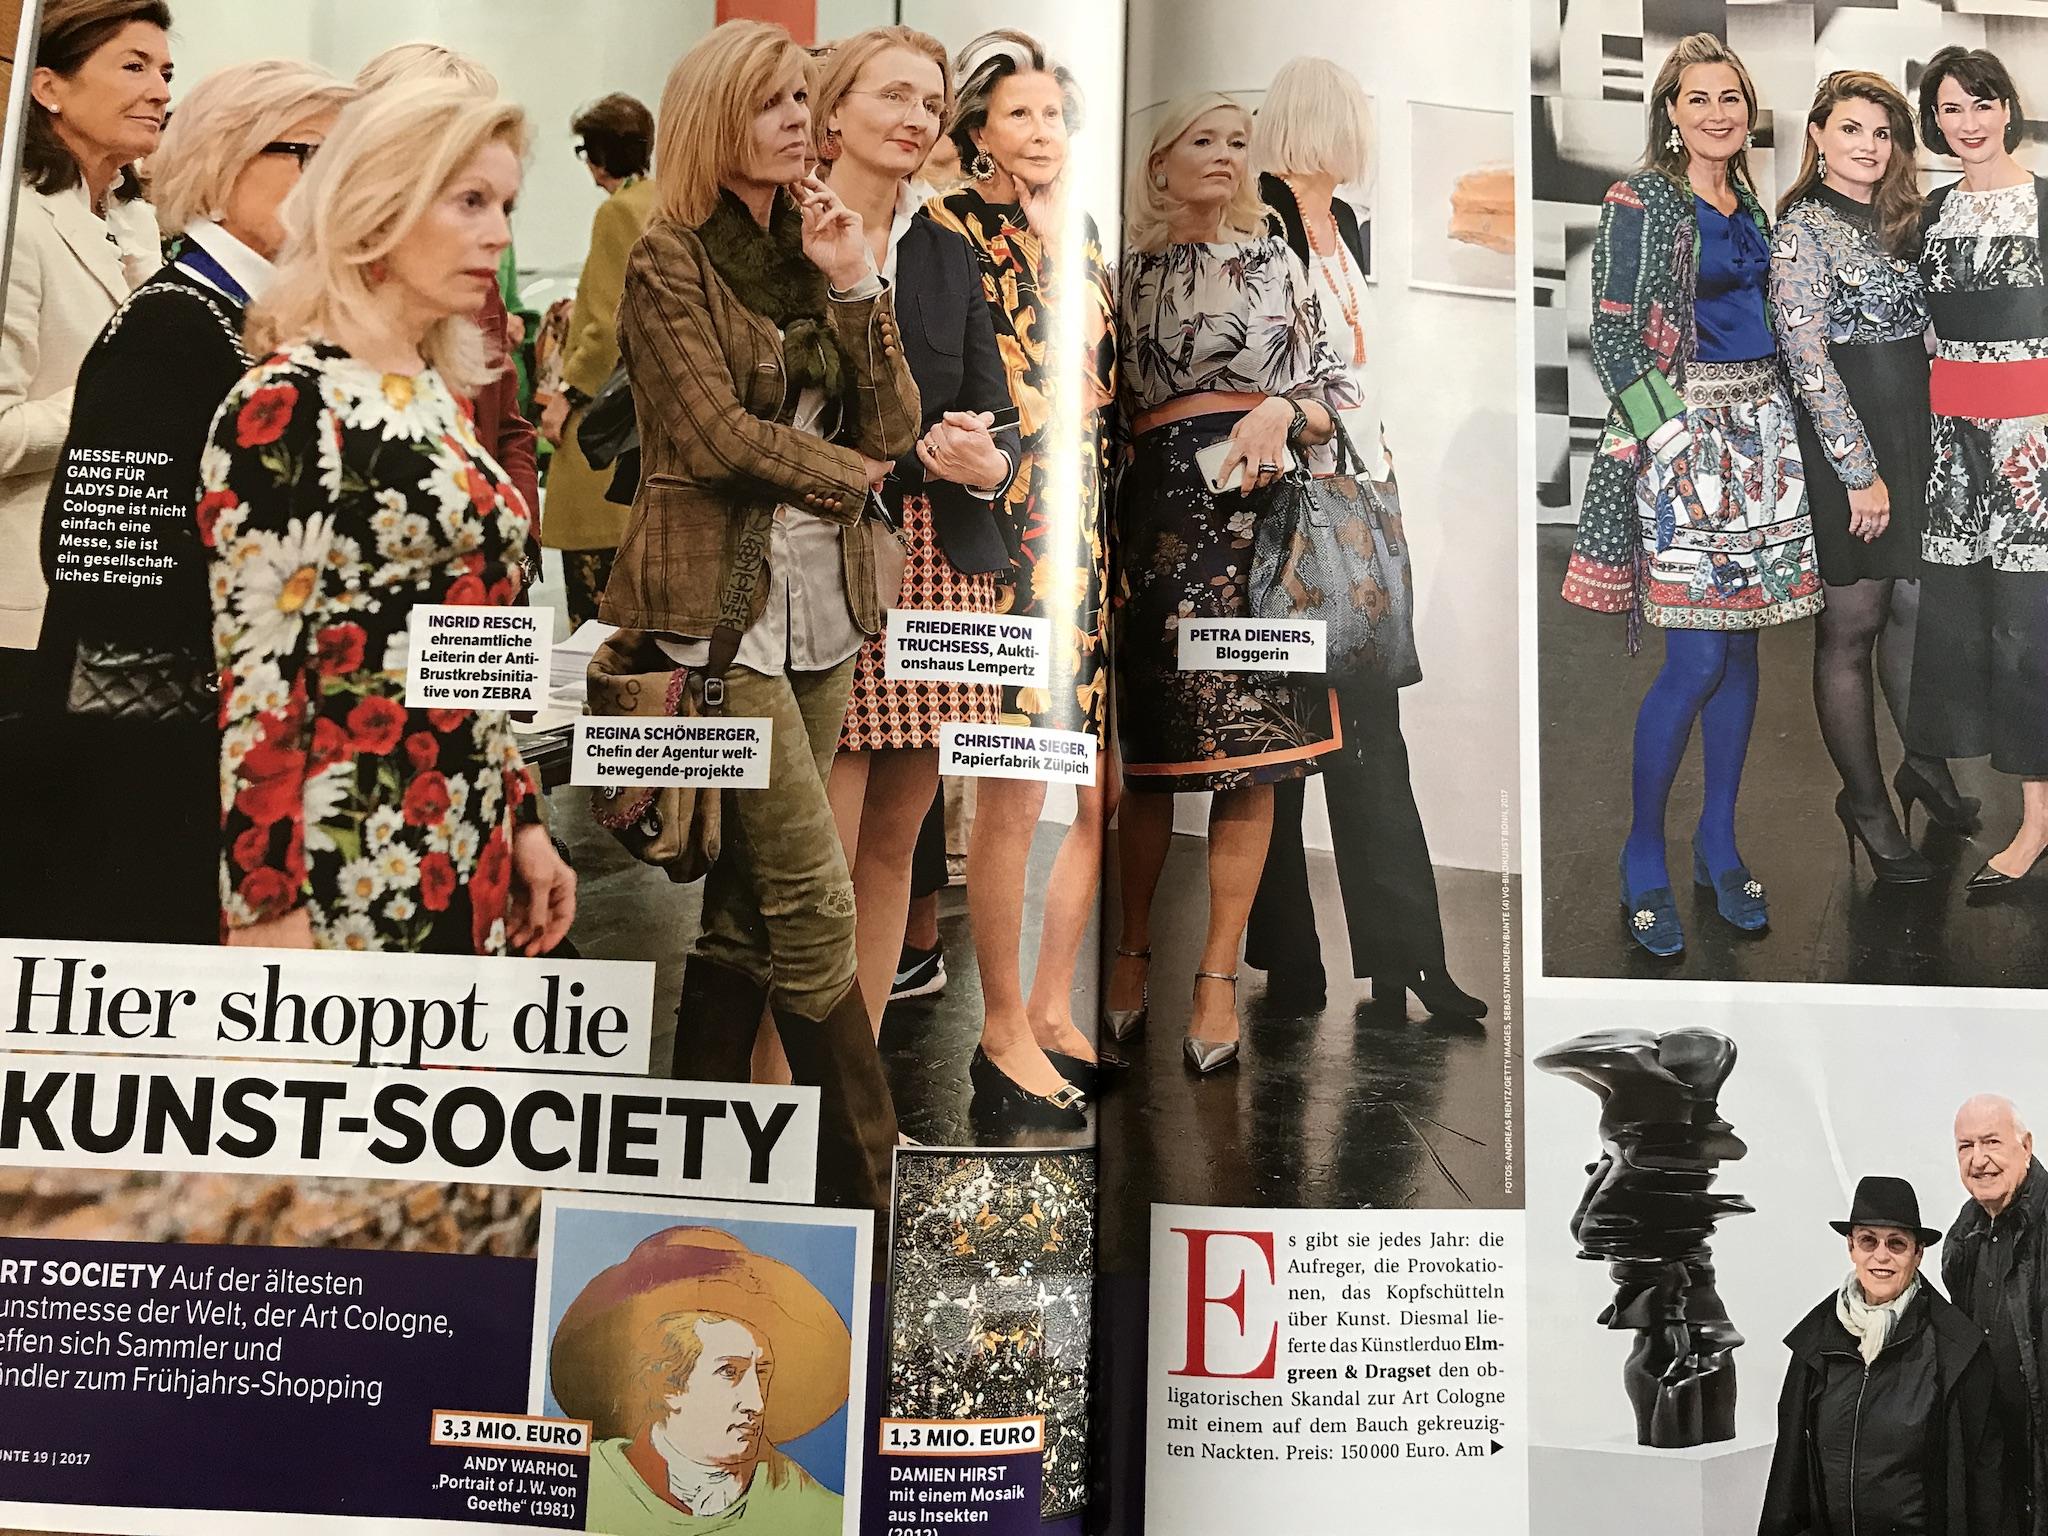 Petra Dieners Bloggerin, Bunte.de, Ar Cologne Ladies Lunch, Fashion-Blog, Lieblingsstil.com,